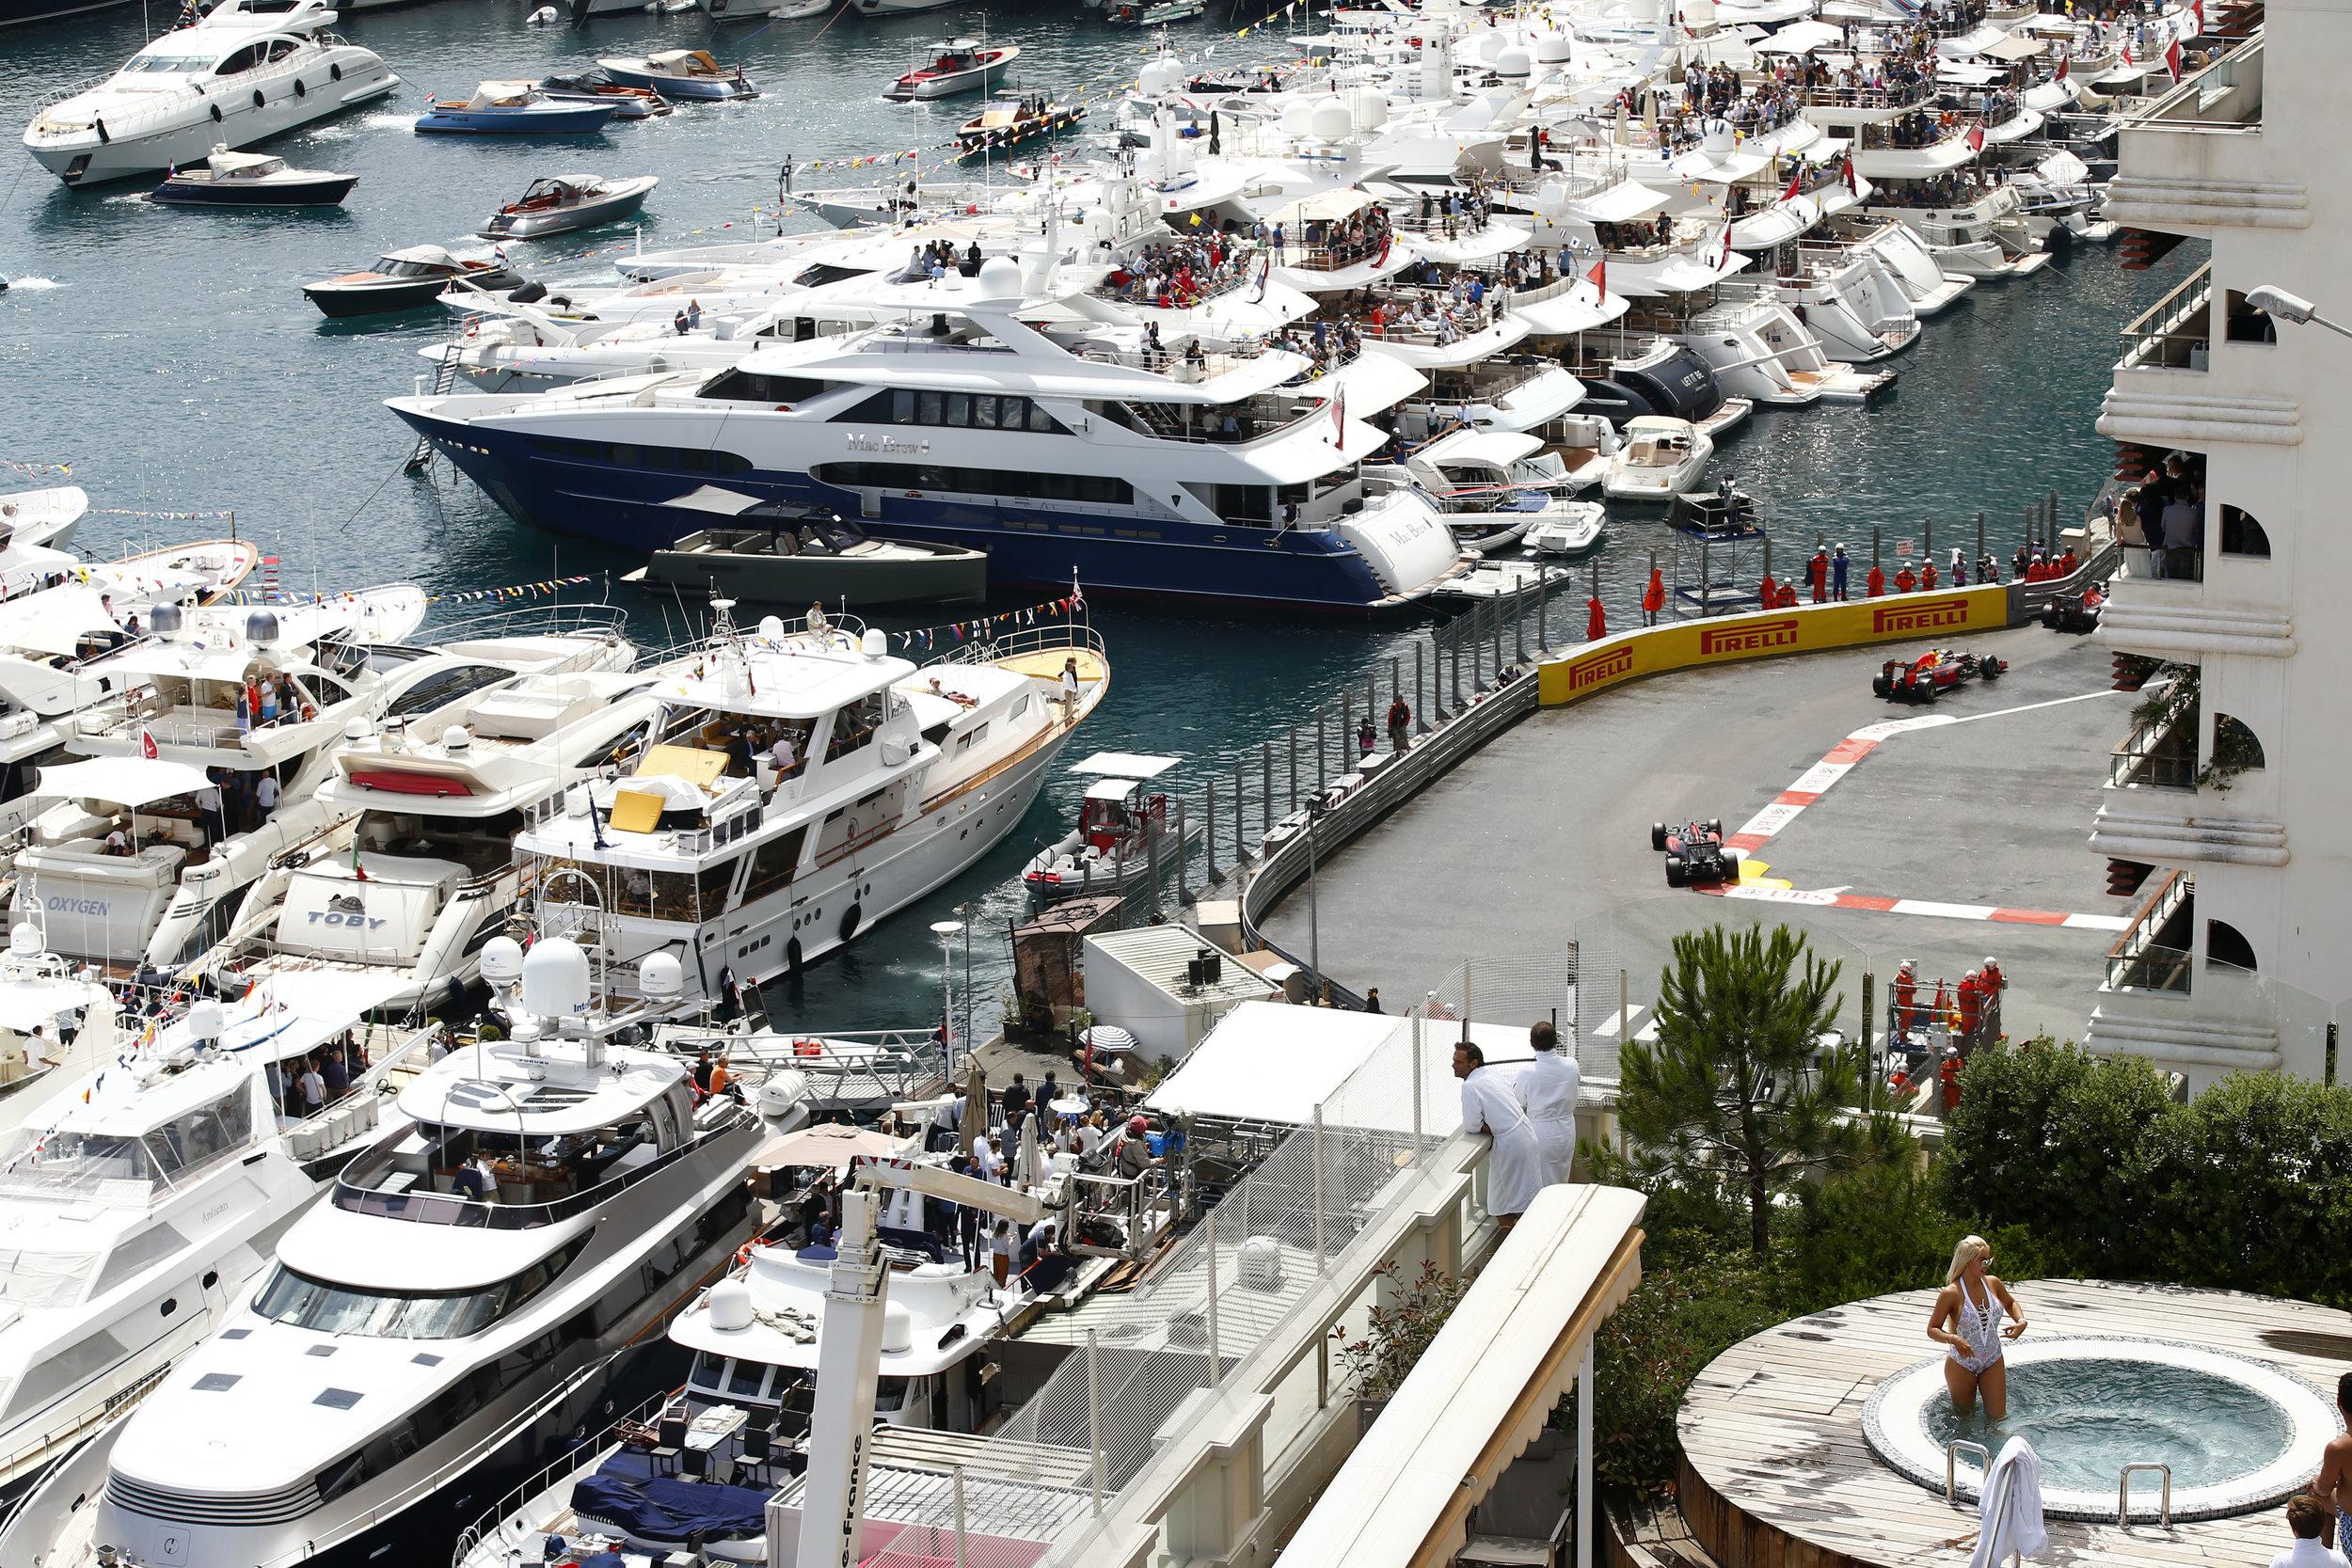 Monaco_Grand_Prix_-_Yachts_-_Private_jetjpg